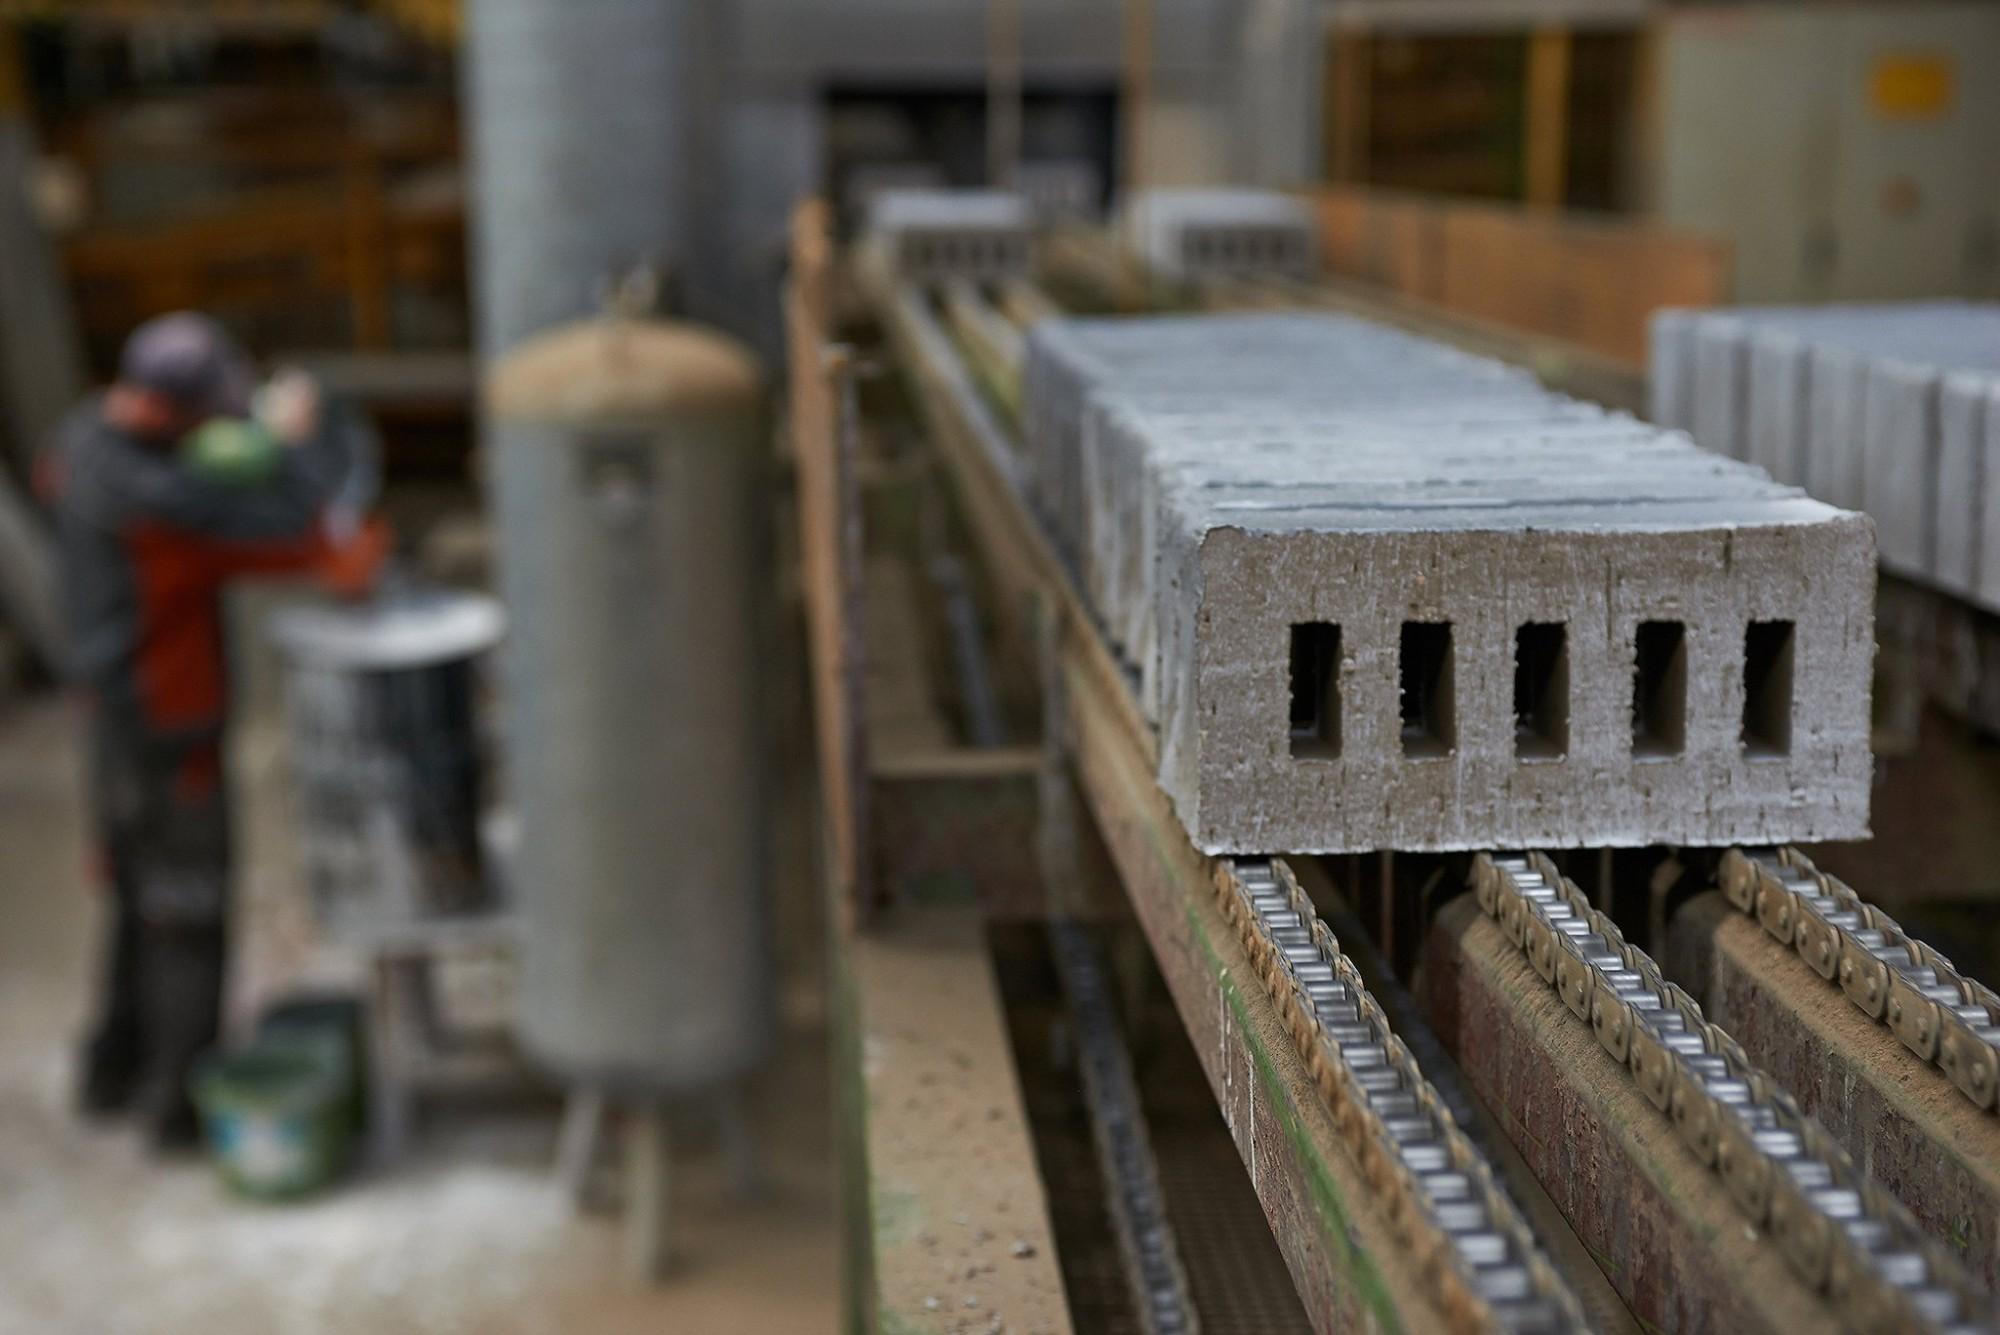 Afbeelding: Industriële reportage , productie van gevelstenen, steenbakkerij Floren.